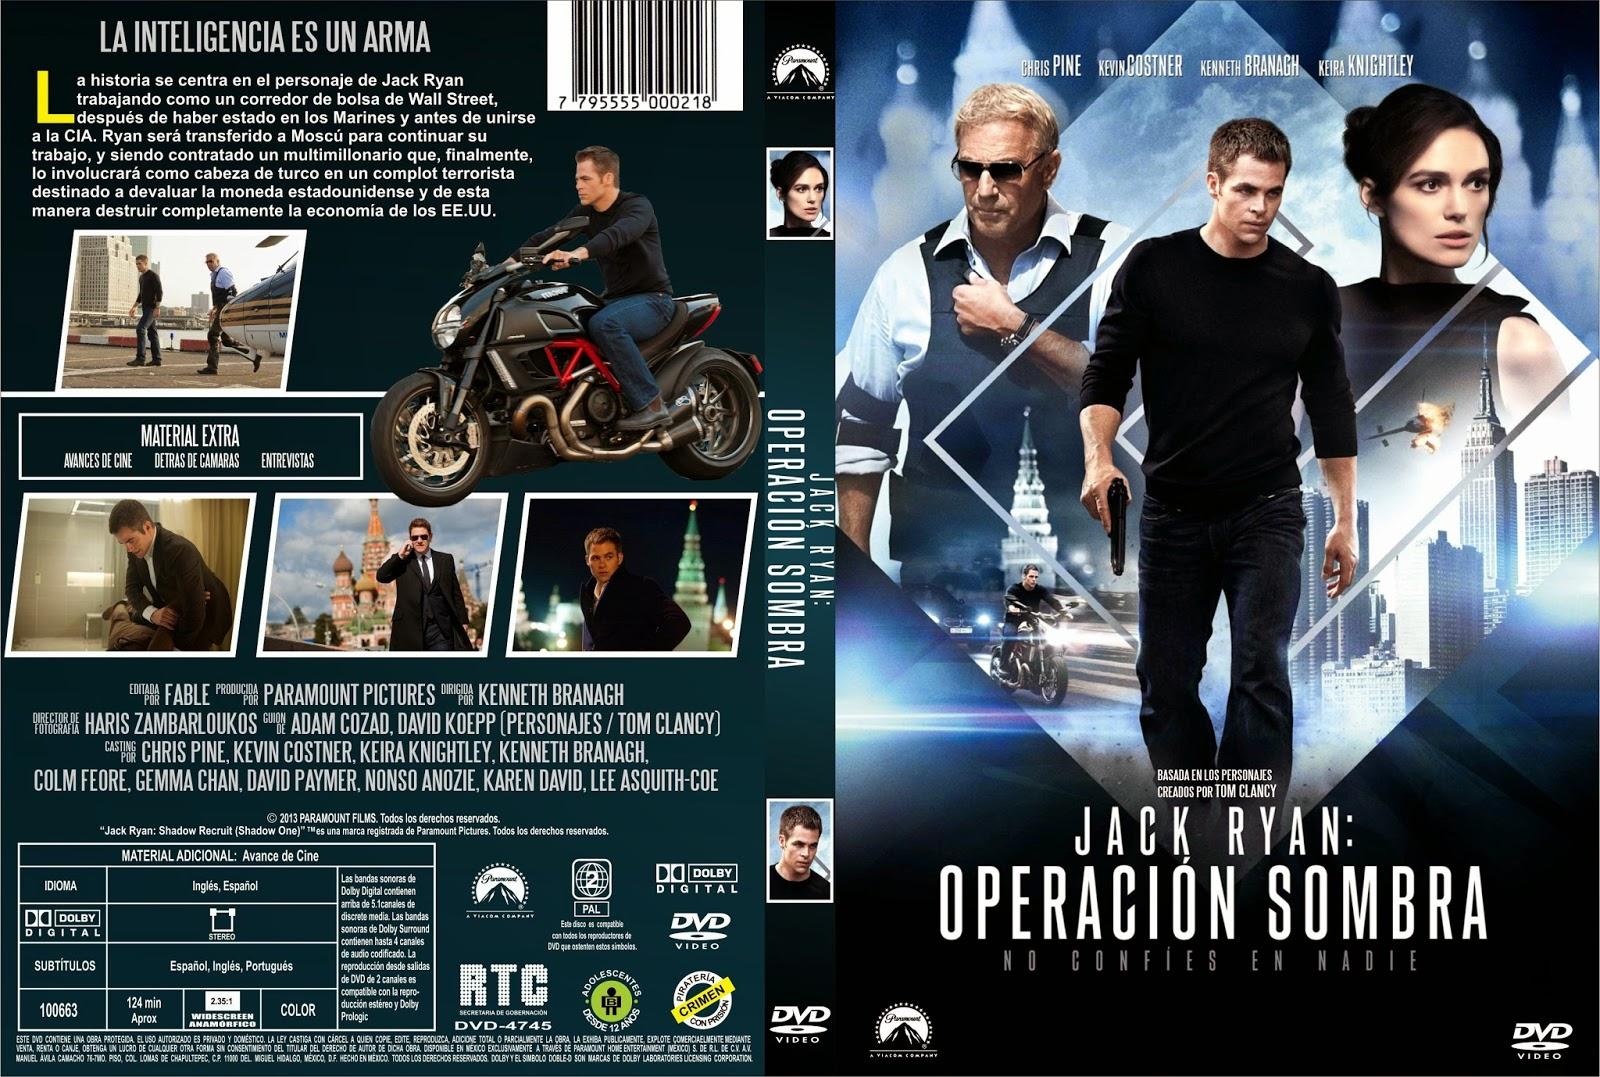 Jack Ryan Operación Sombra DVD